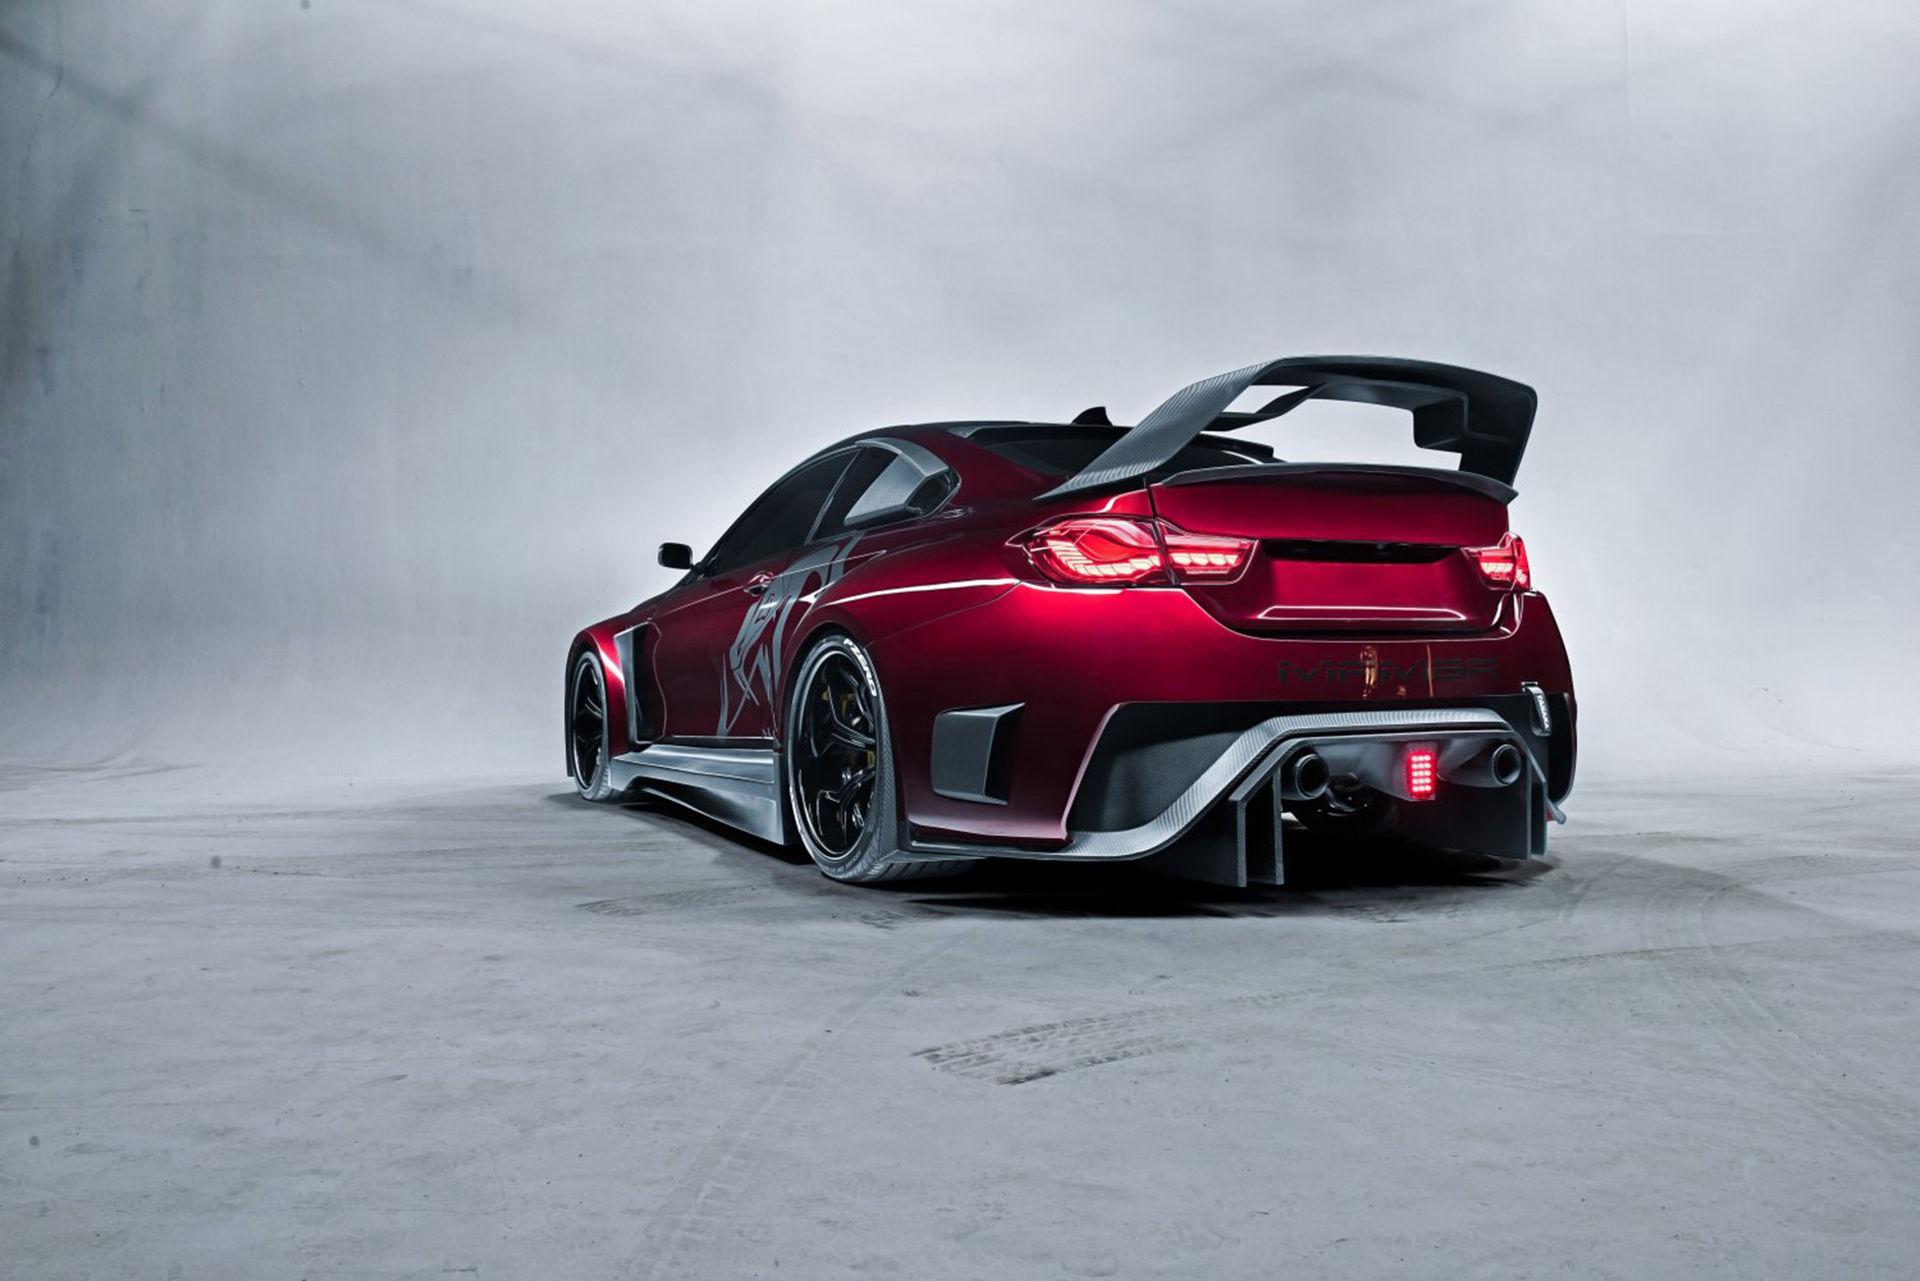 Den här specialbyggda BMW M4:an är för bred